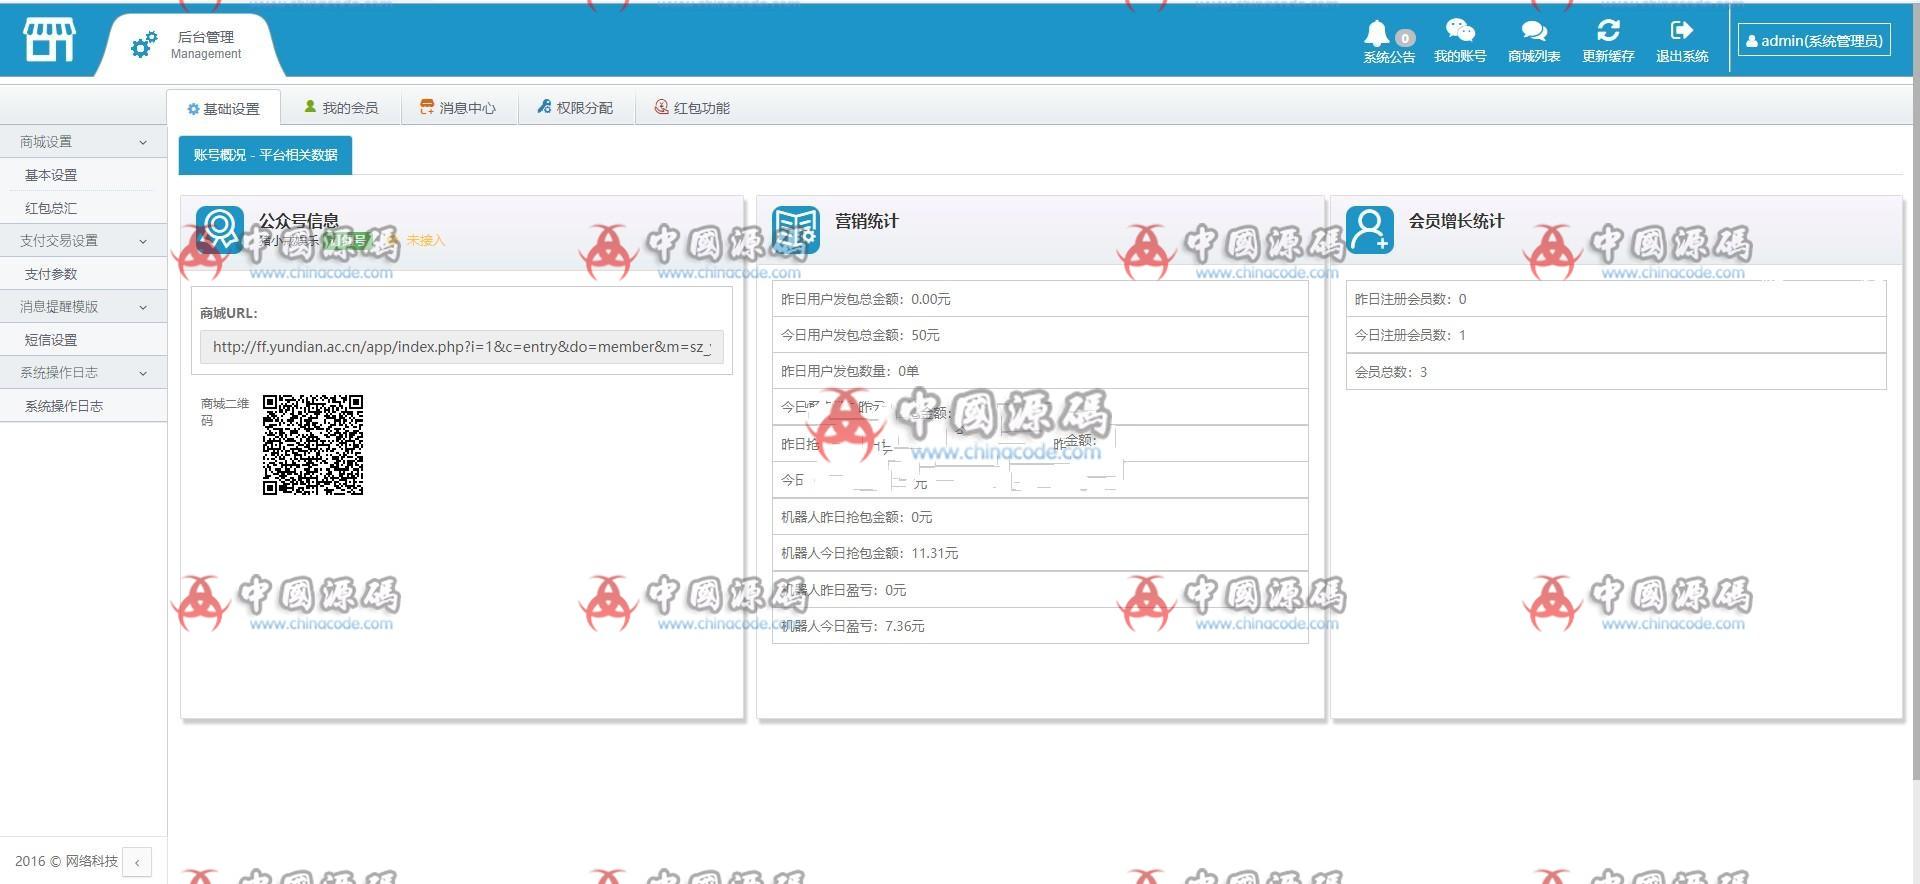 免公众号九州红包扫雷源码接龙+已对接支付+完整可运营+带附安装教程+机器人 H5-第6张